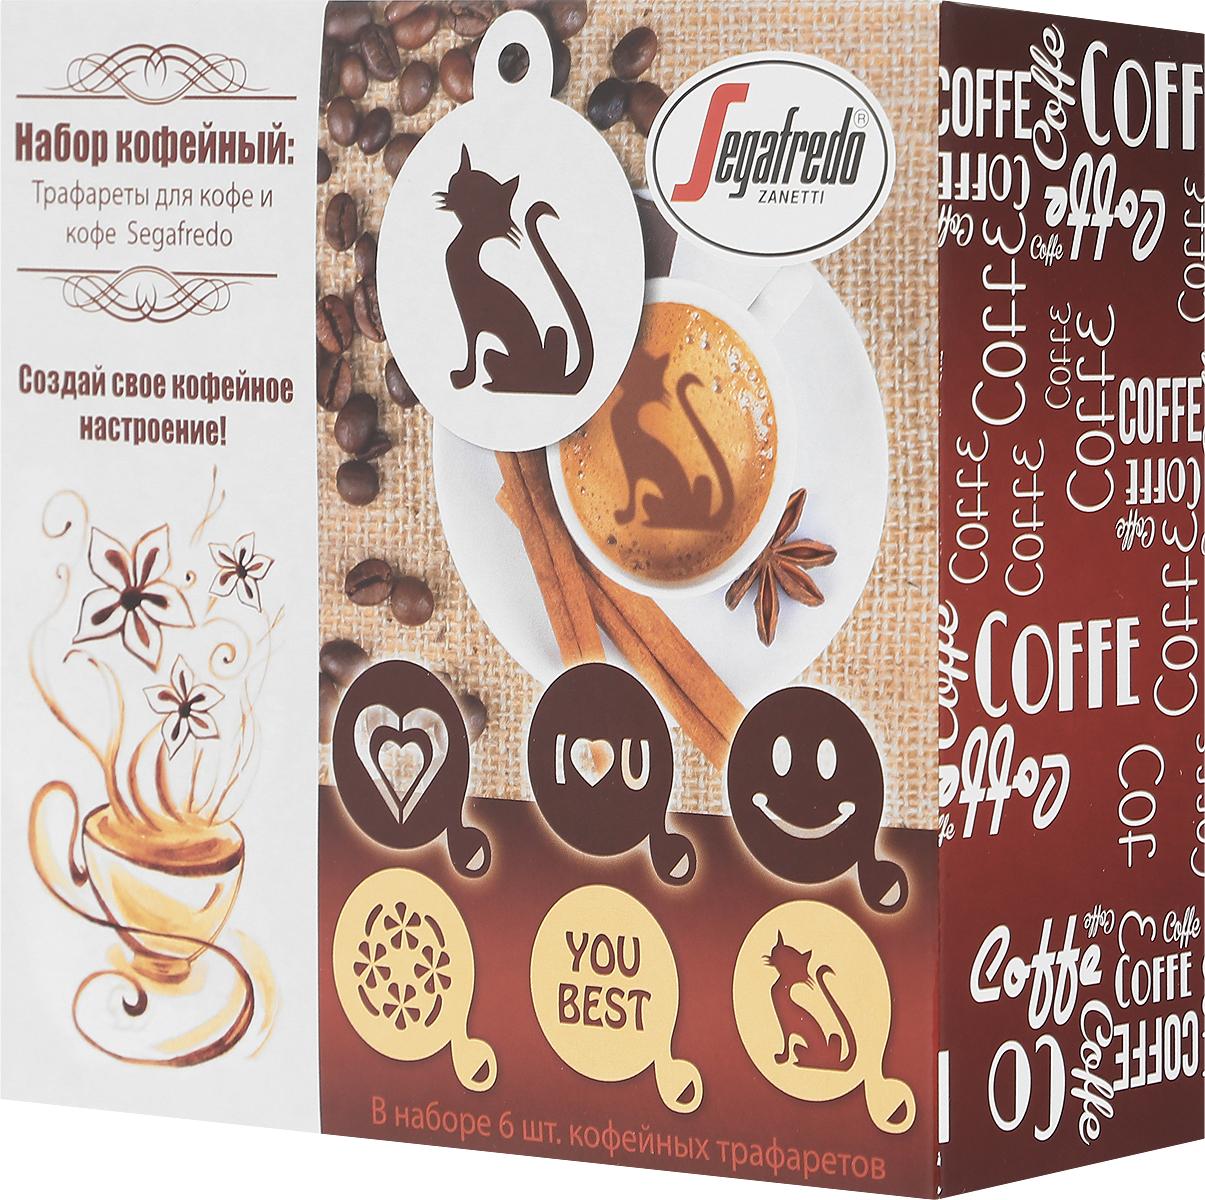 Segafredo Набор № 2 кофе молотый, 100 г + трафареты для кофе 6 шт10082-00Мы разработали кофейный набор Segafredo, в состав которого входит кофе лучших сортов и трафареты,для создания рисунков на кофейной пенке из корицы, шоколадной крошки, кокосовой стружки. Теперь кофе потребителя станет особенным, а утро - незабываемым.